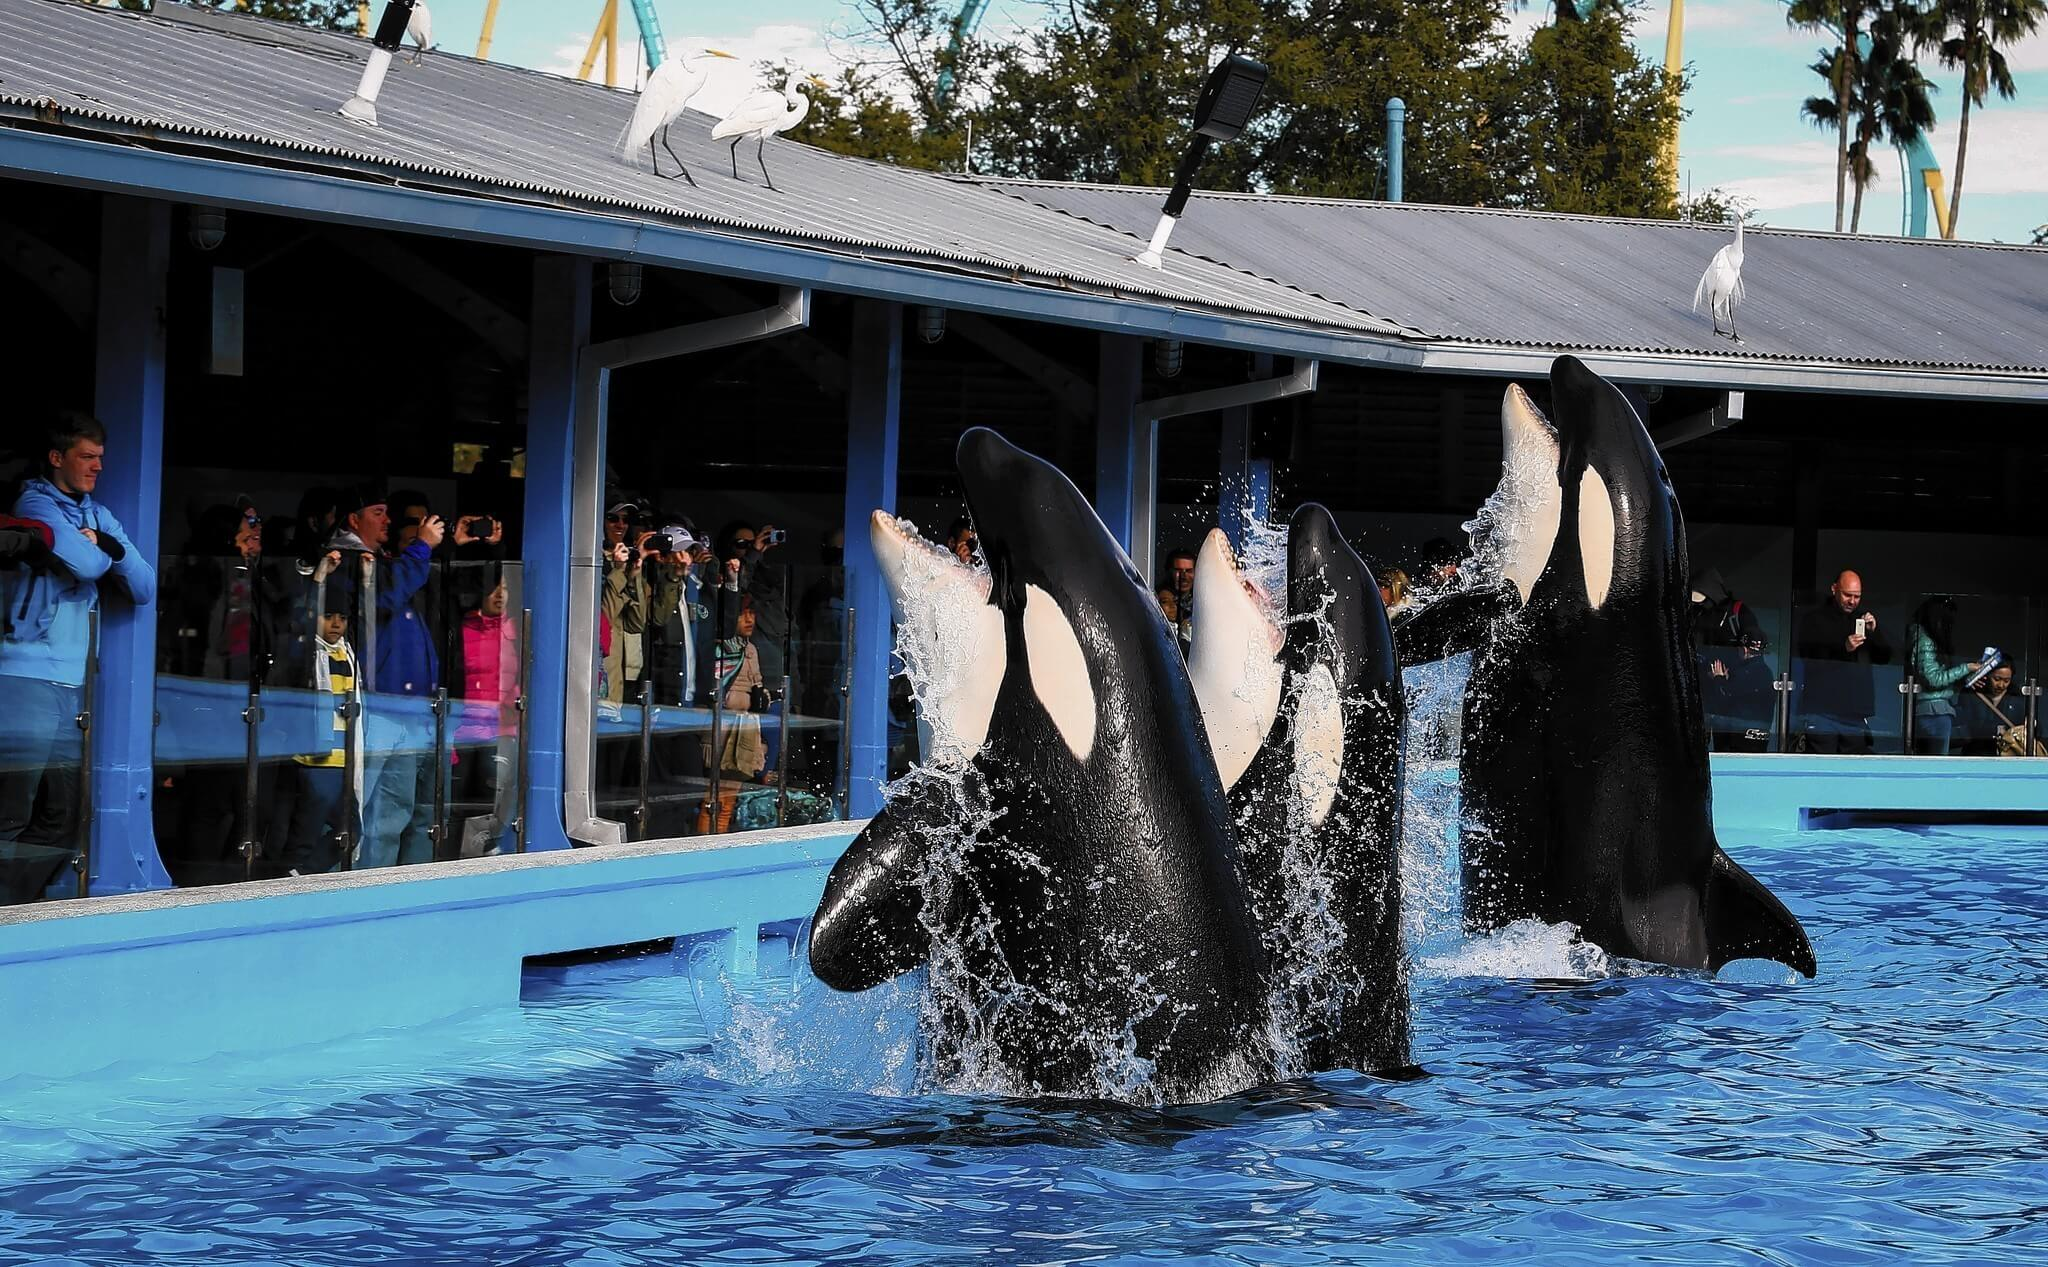 Parque SeaWorld em Orlando: baleias no Dining with Orcas